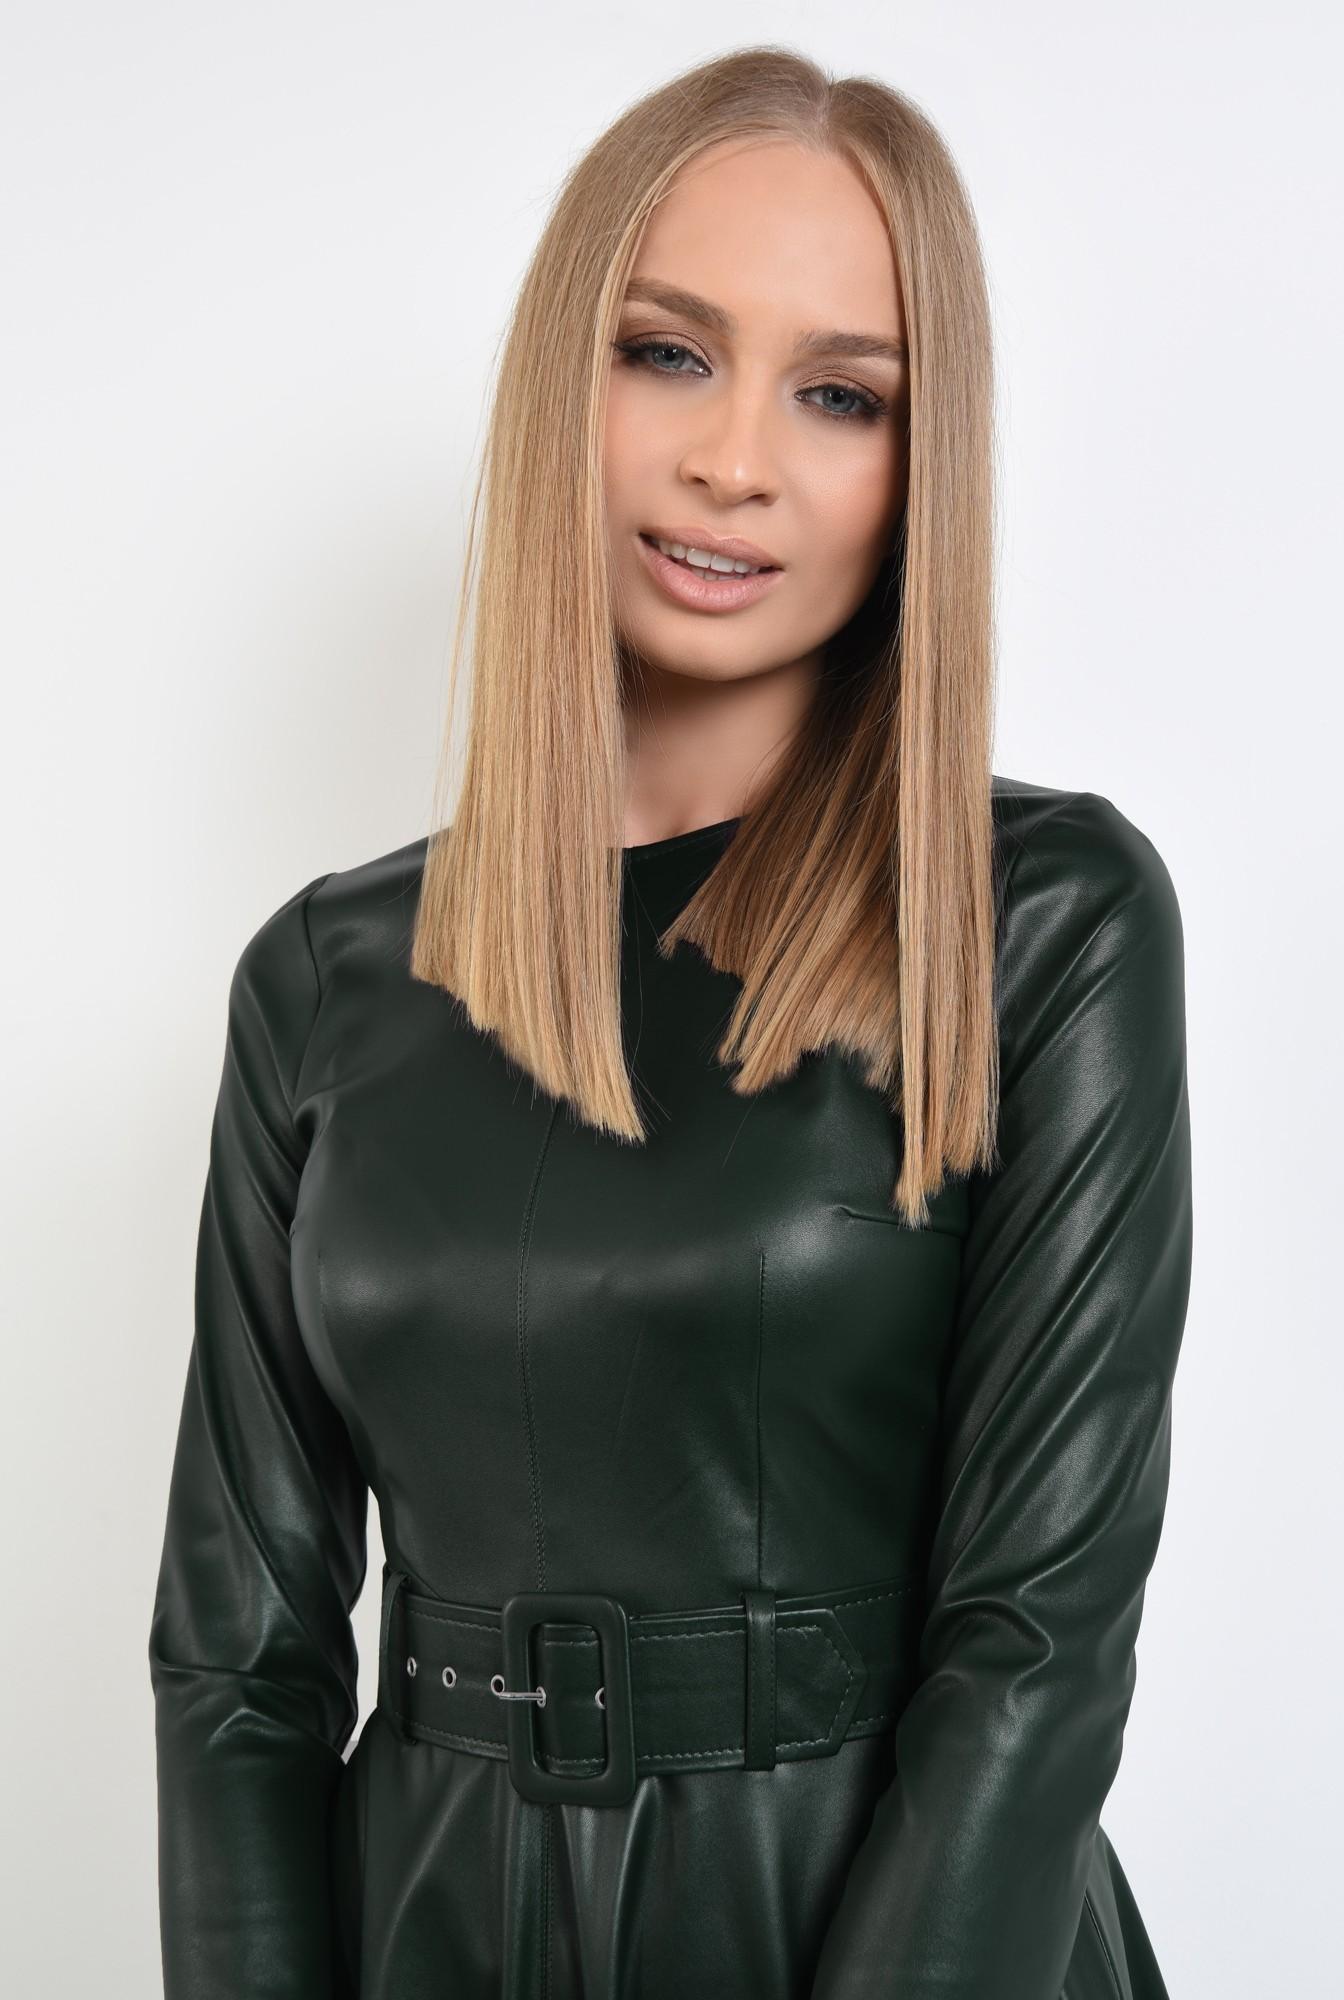 2 - rochie casual verde, centura, cambrata, fermoar la spate, rochii online